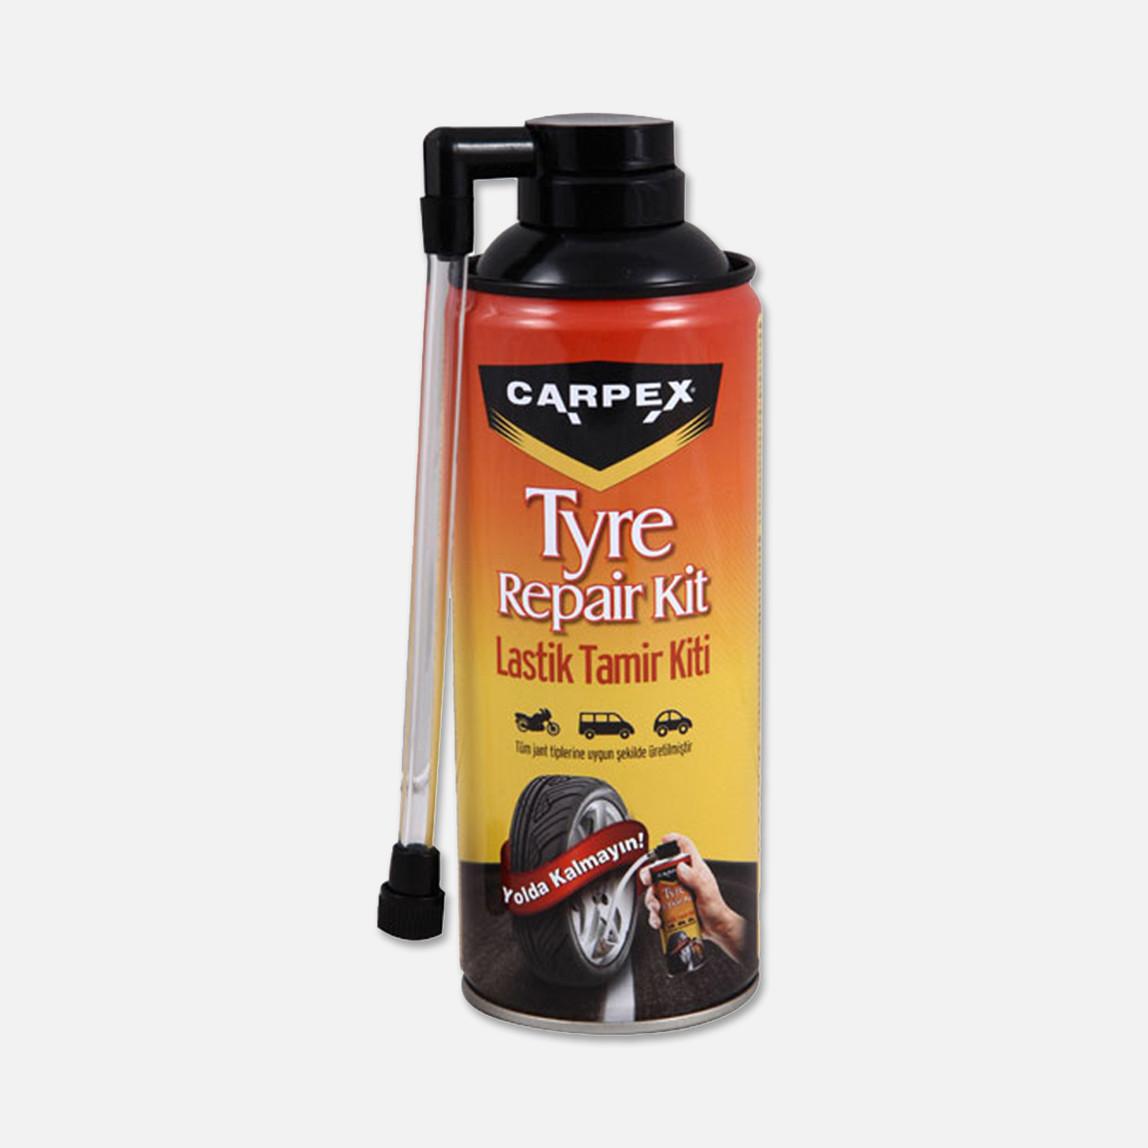 Carpex 300 ml Lastik Tamir Kiti